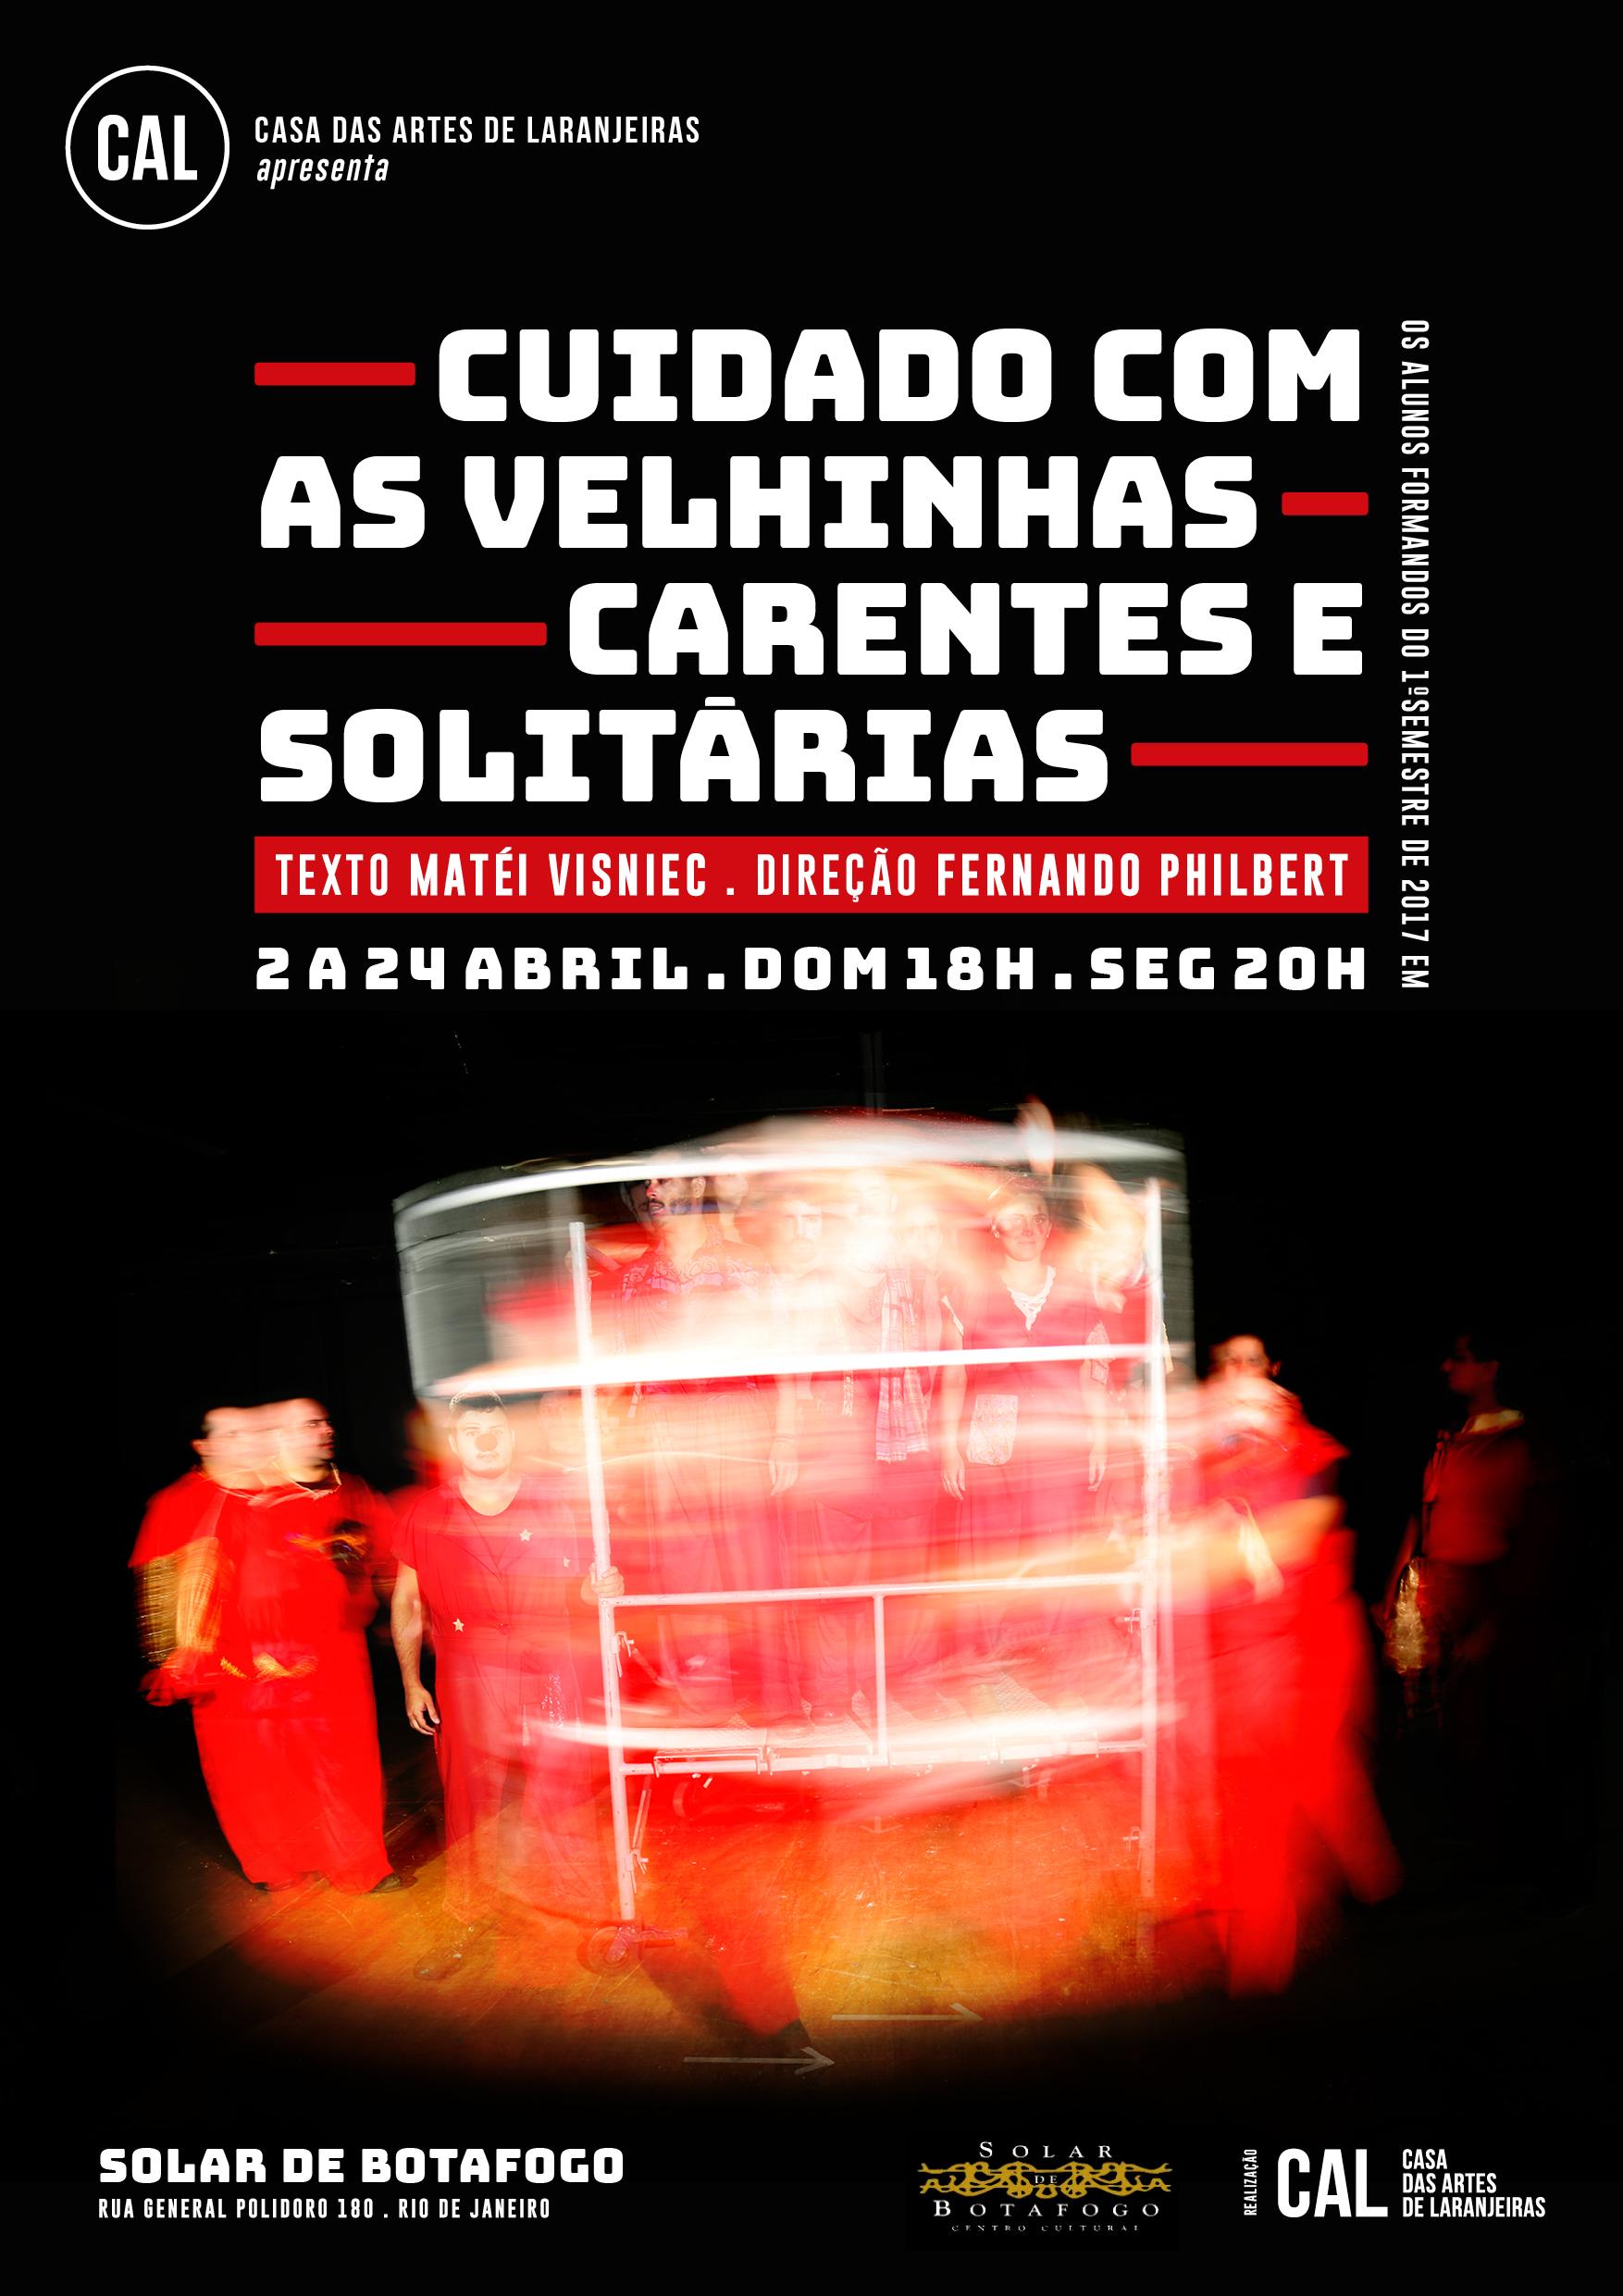 CUIDADO COM AS VELHINHAS CARENTES E SOLITÁRIAS